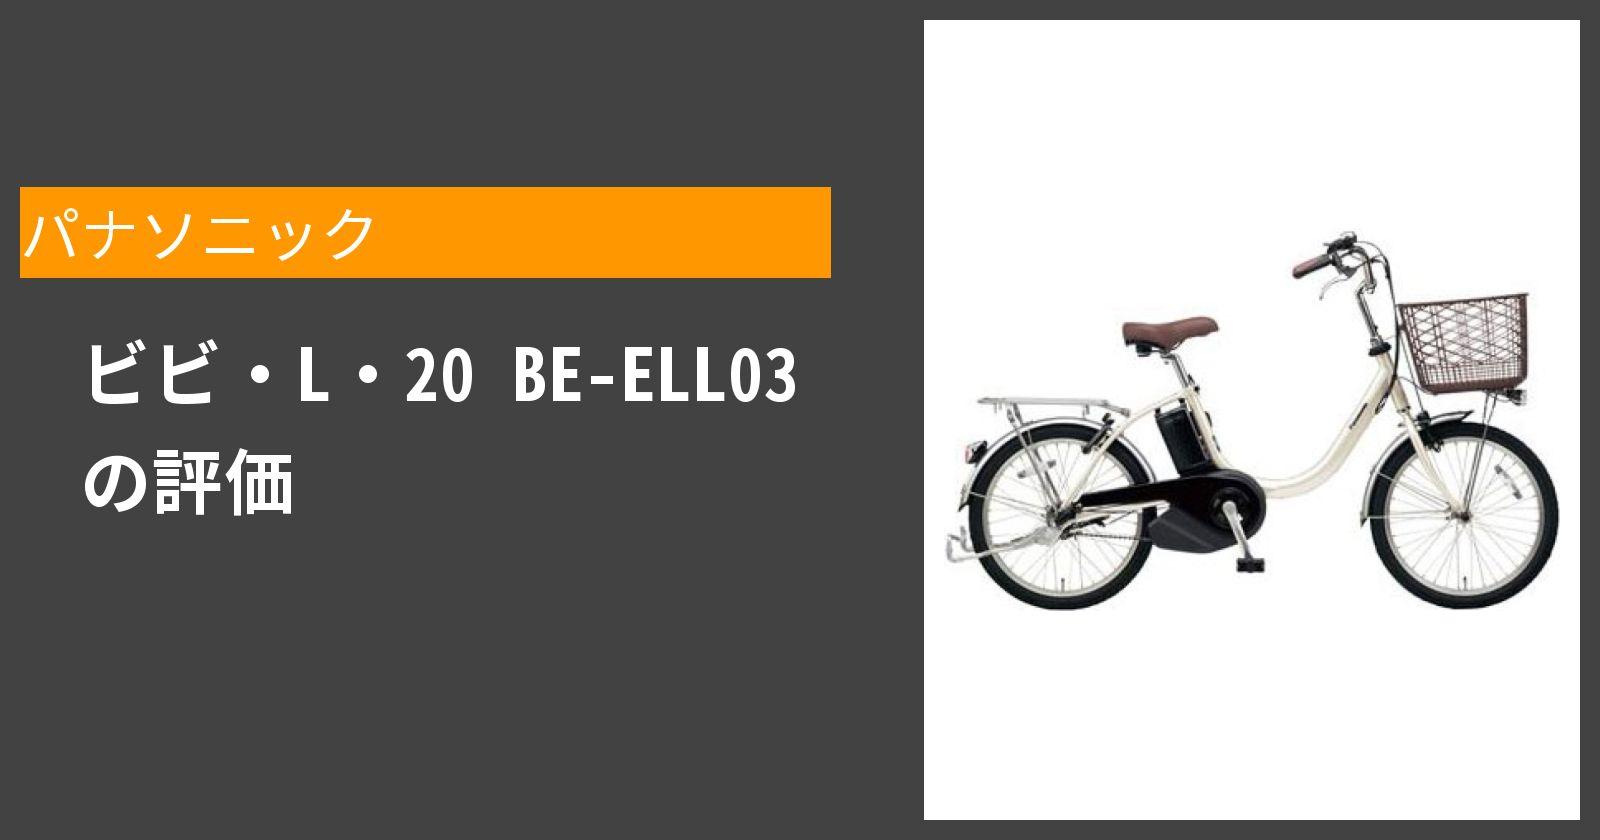 ビビ・L・20 BE-ELL03を徹底評価